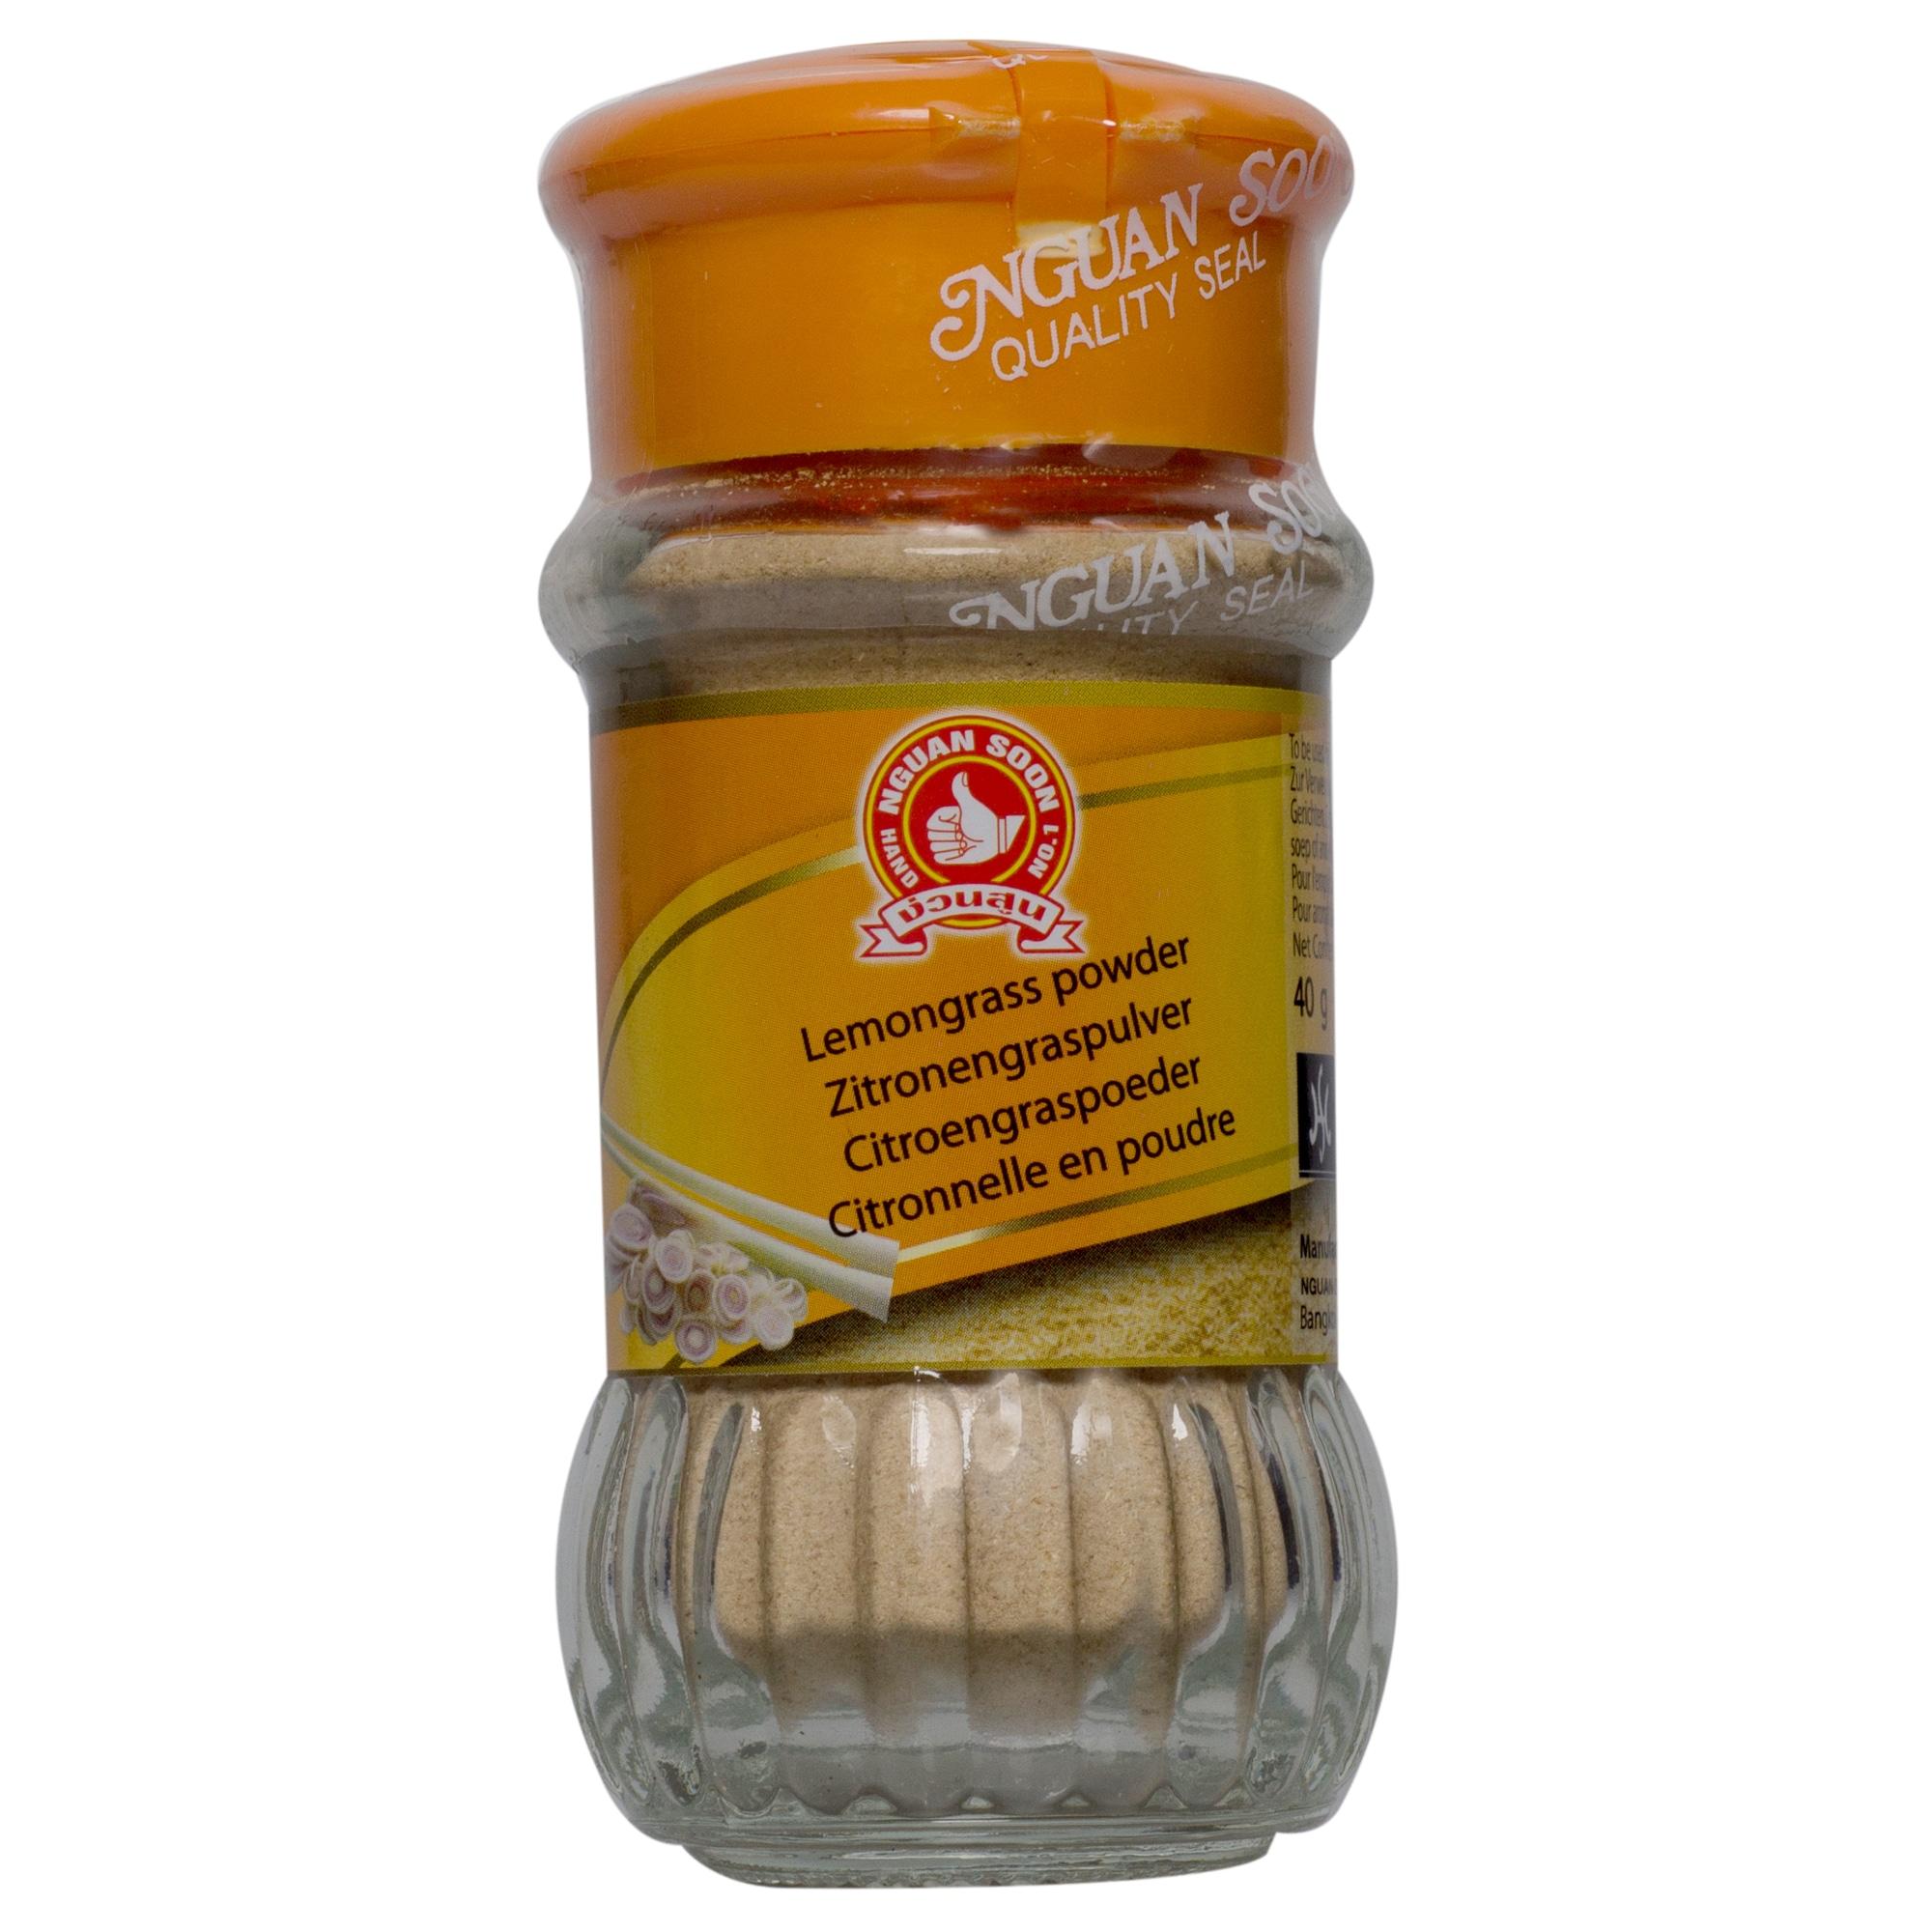 Nguan Soon Lemongrass powder Zitronengraspulver 40g